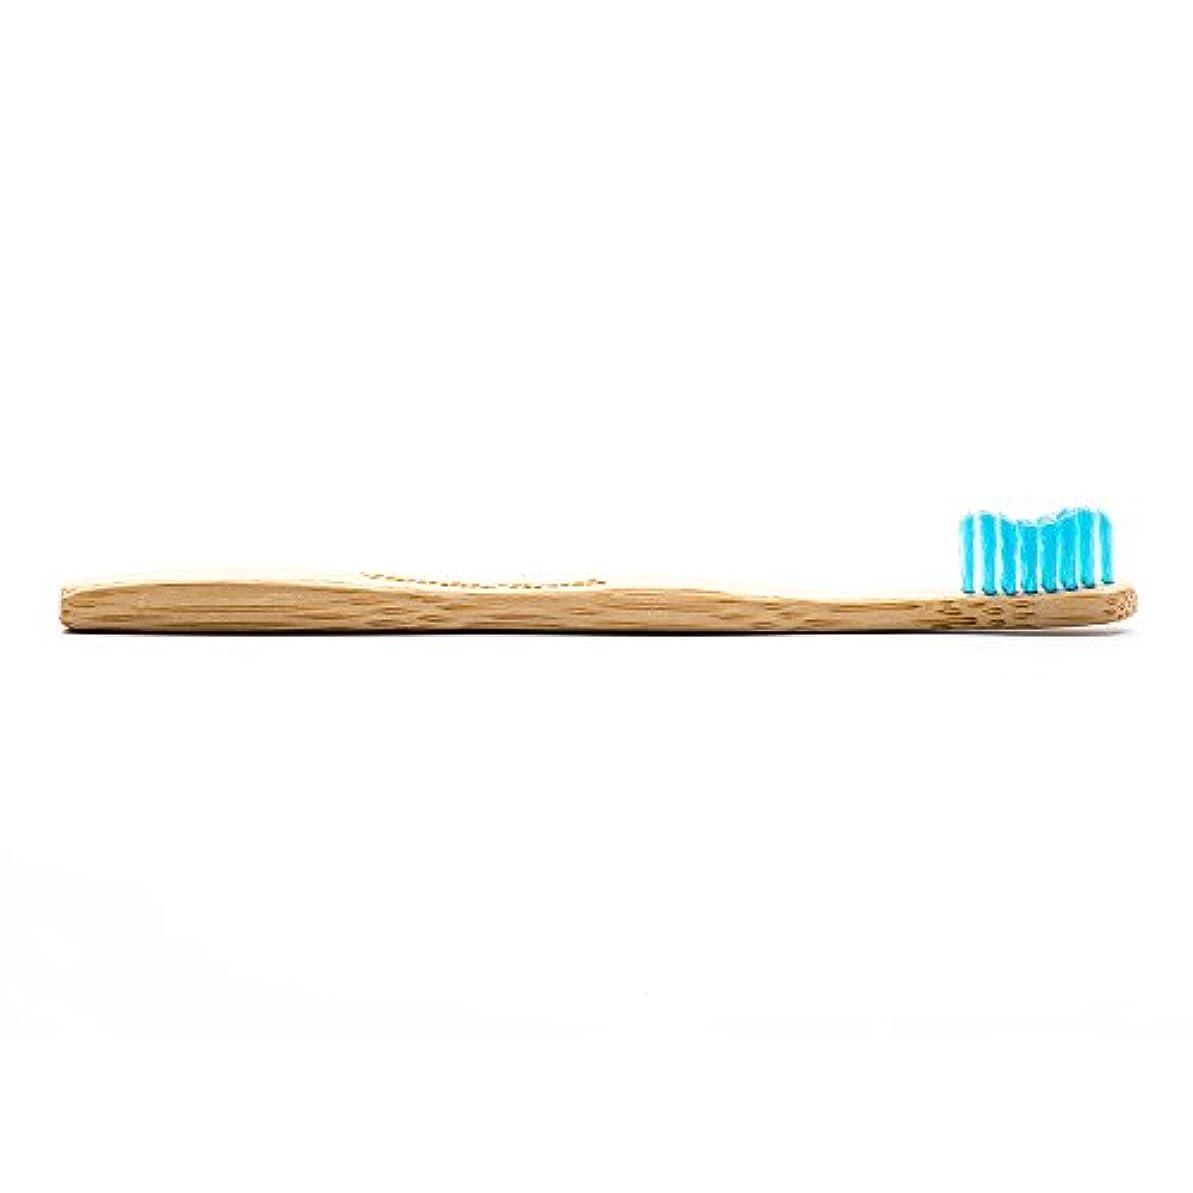 規制する霧供給THE HUMBLE CO.(ザ?ハンブル?コー) HUMBLE BRUSH(ハンブルブラッシュ) 歯ブラシ キッズ ブルー 15cm